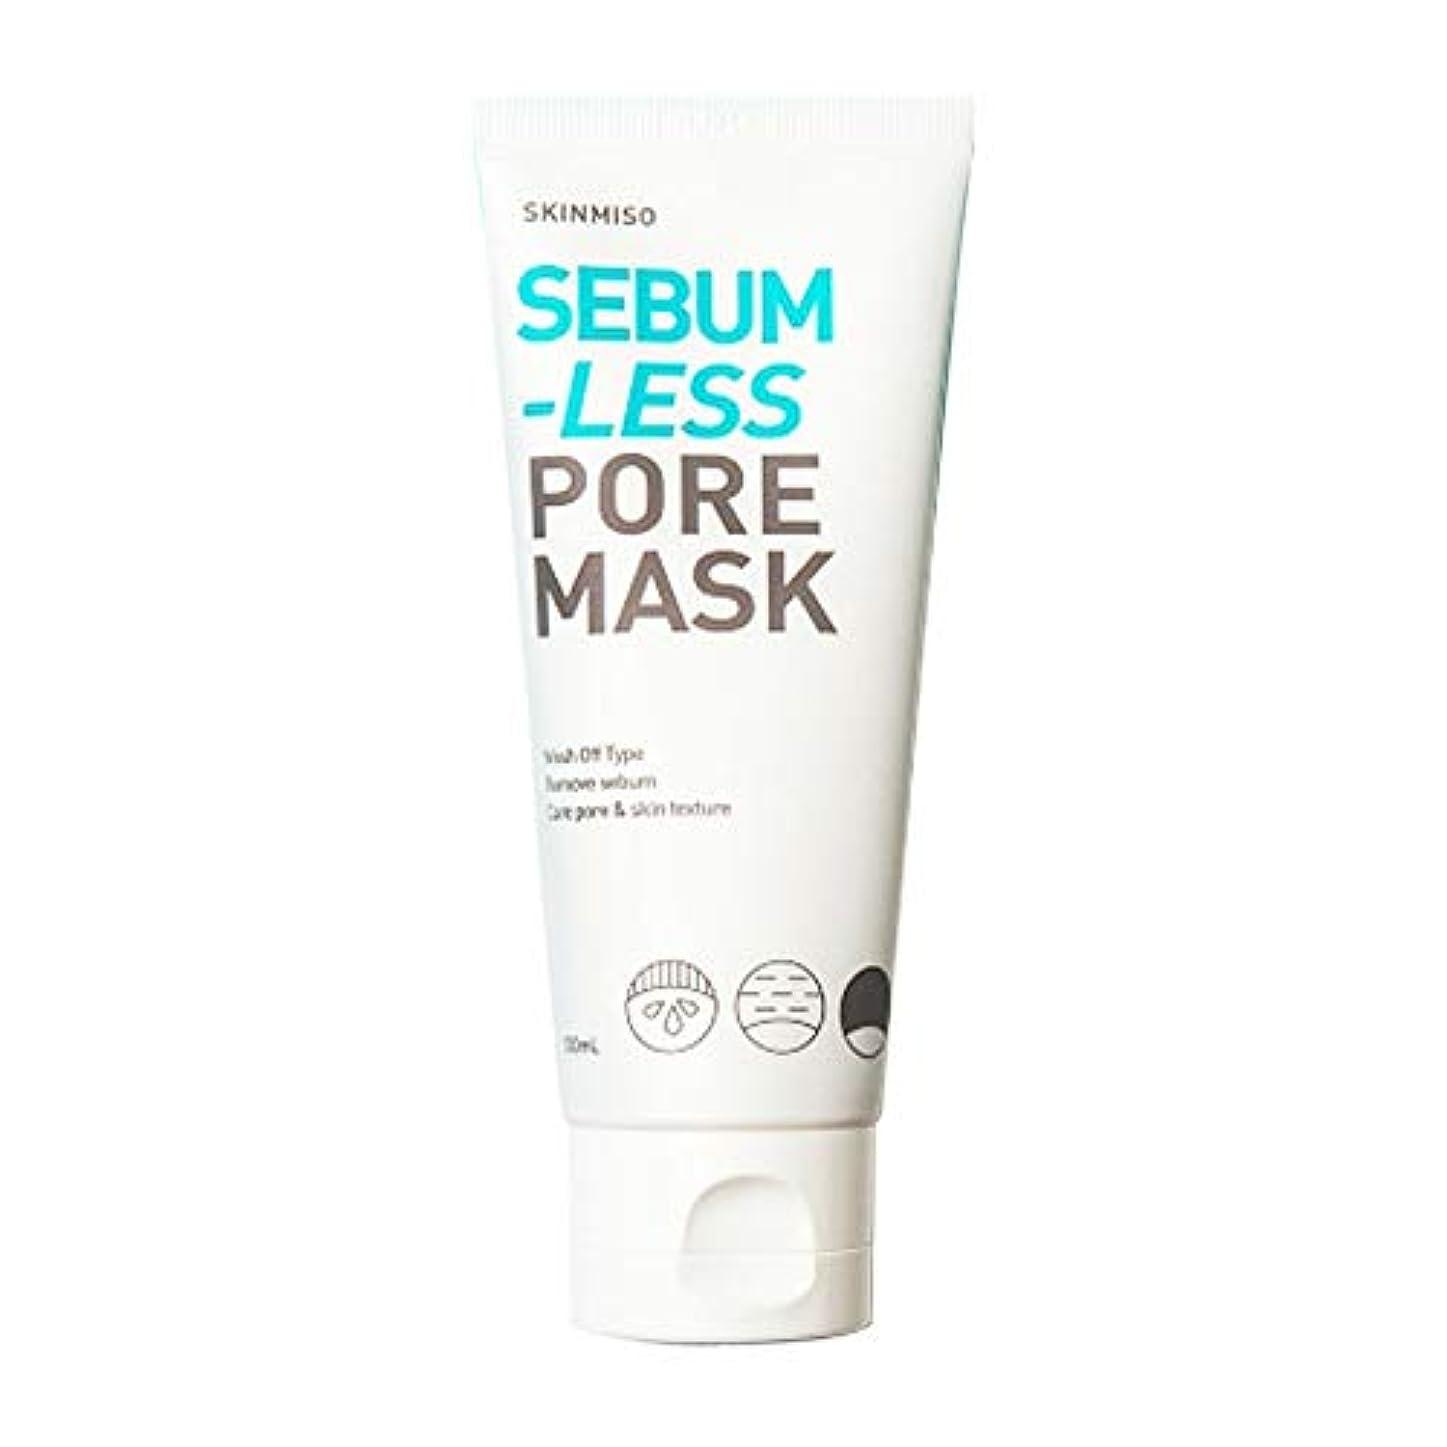 素晴らしいですグラディス当社[SKINMISO/スキンミソ] Sebumless Pore Mask/シーバムレスポアーマスク Skingarden/スキンガーデン